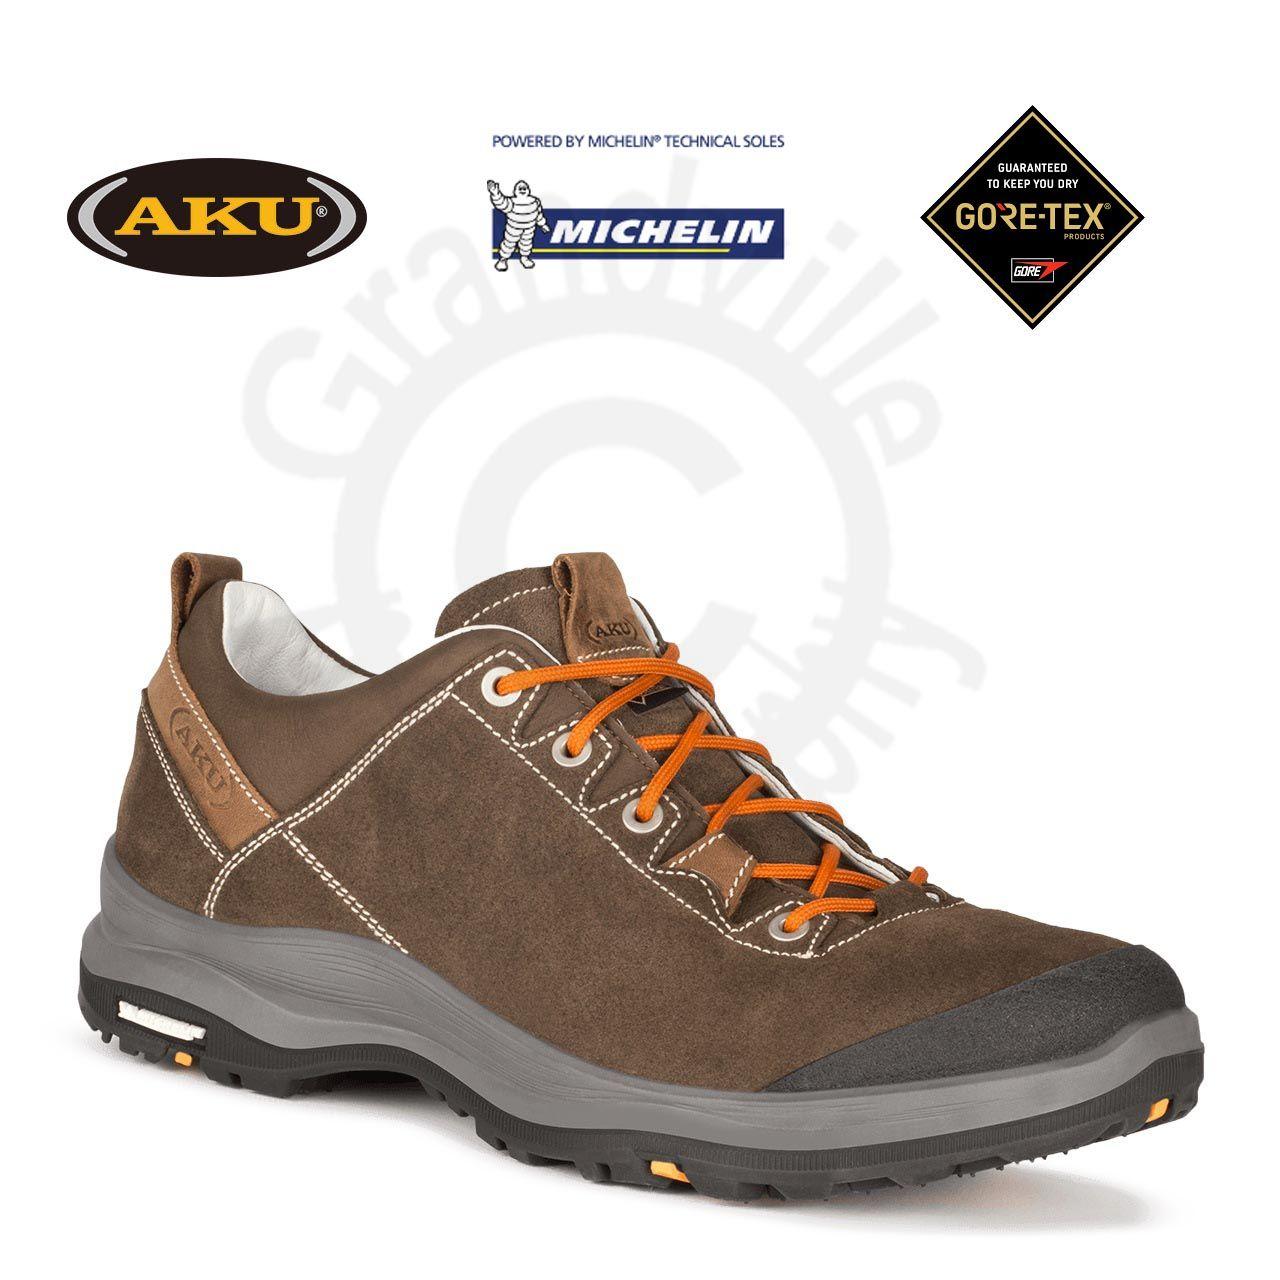 AKU La Val Low GTX Brown Treková obuv